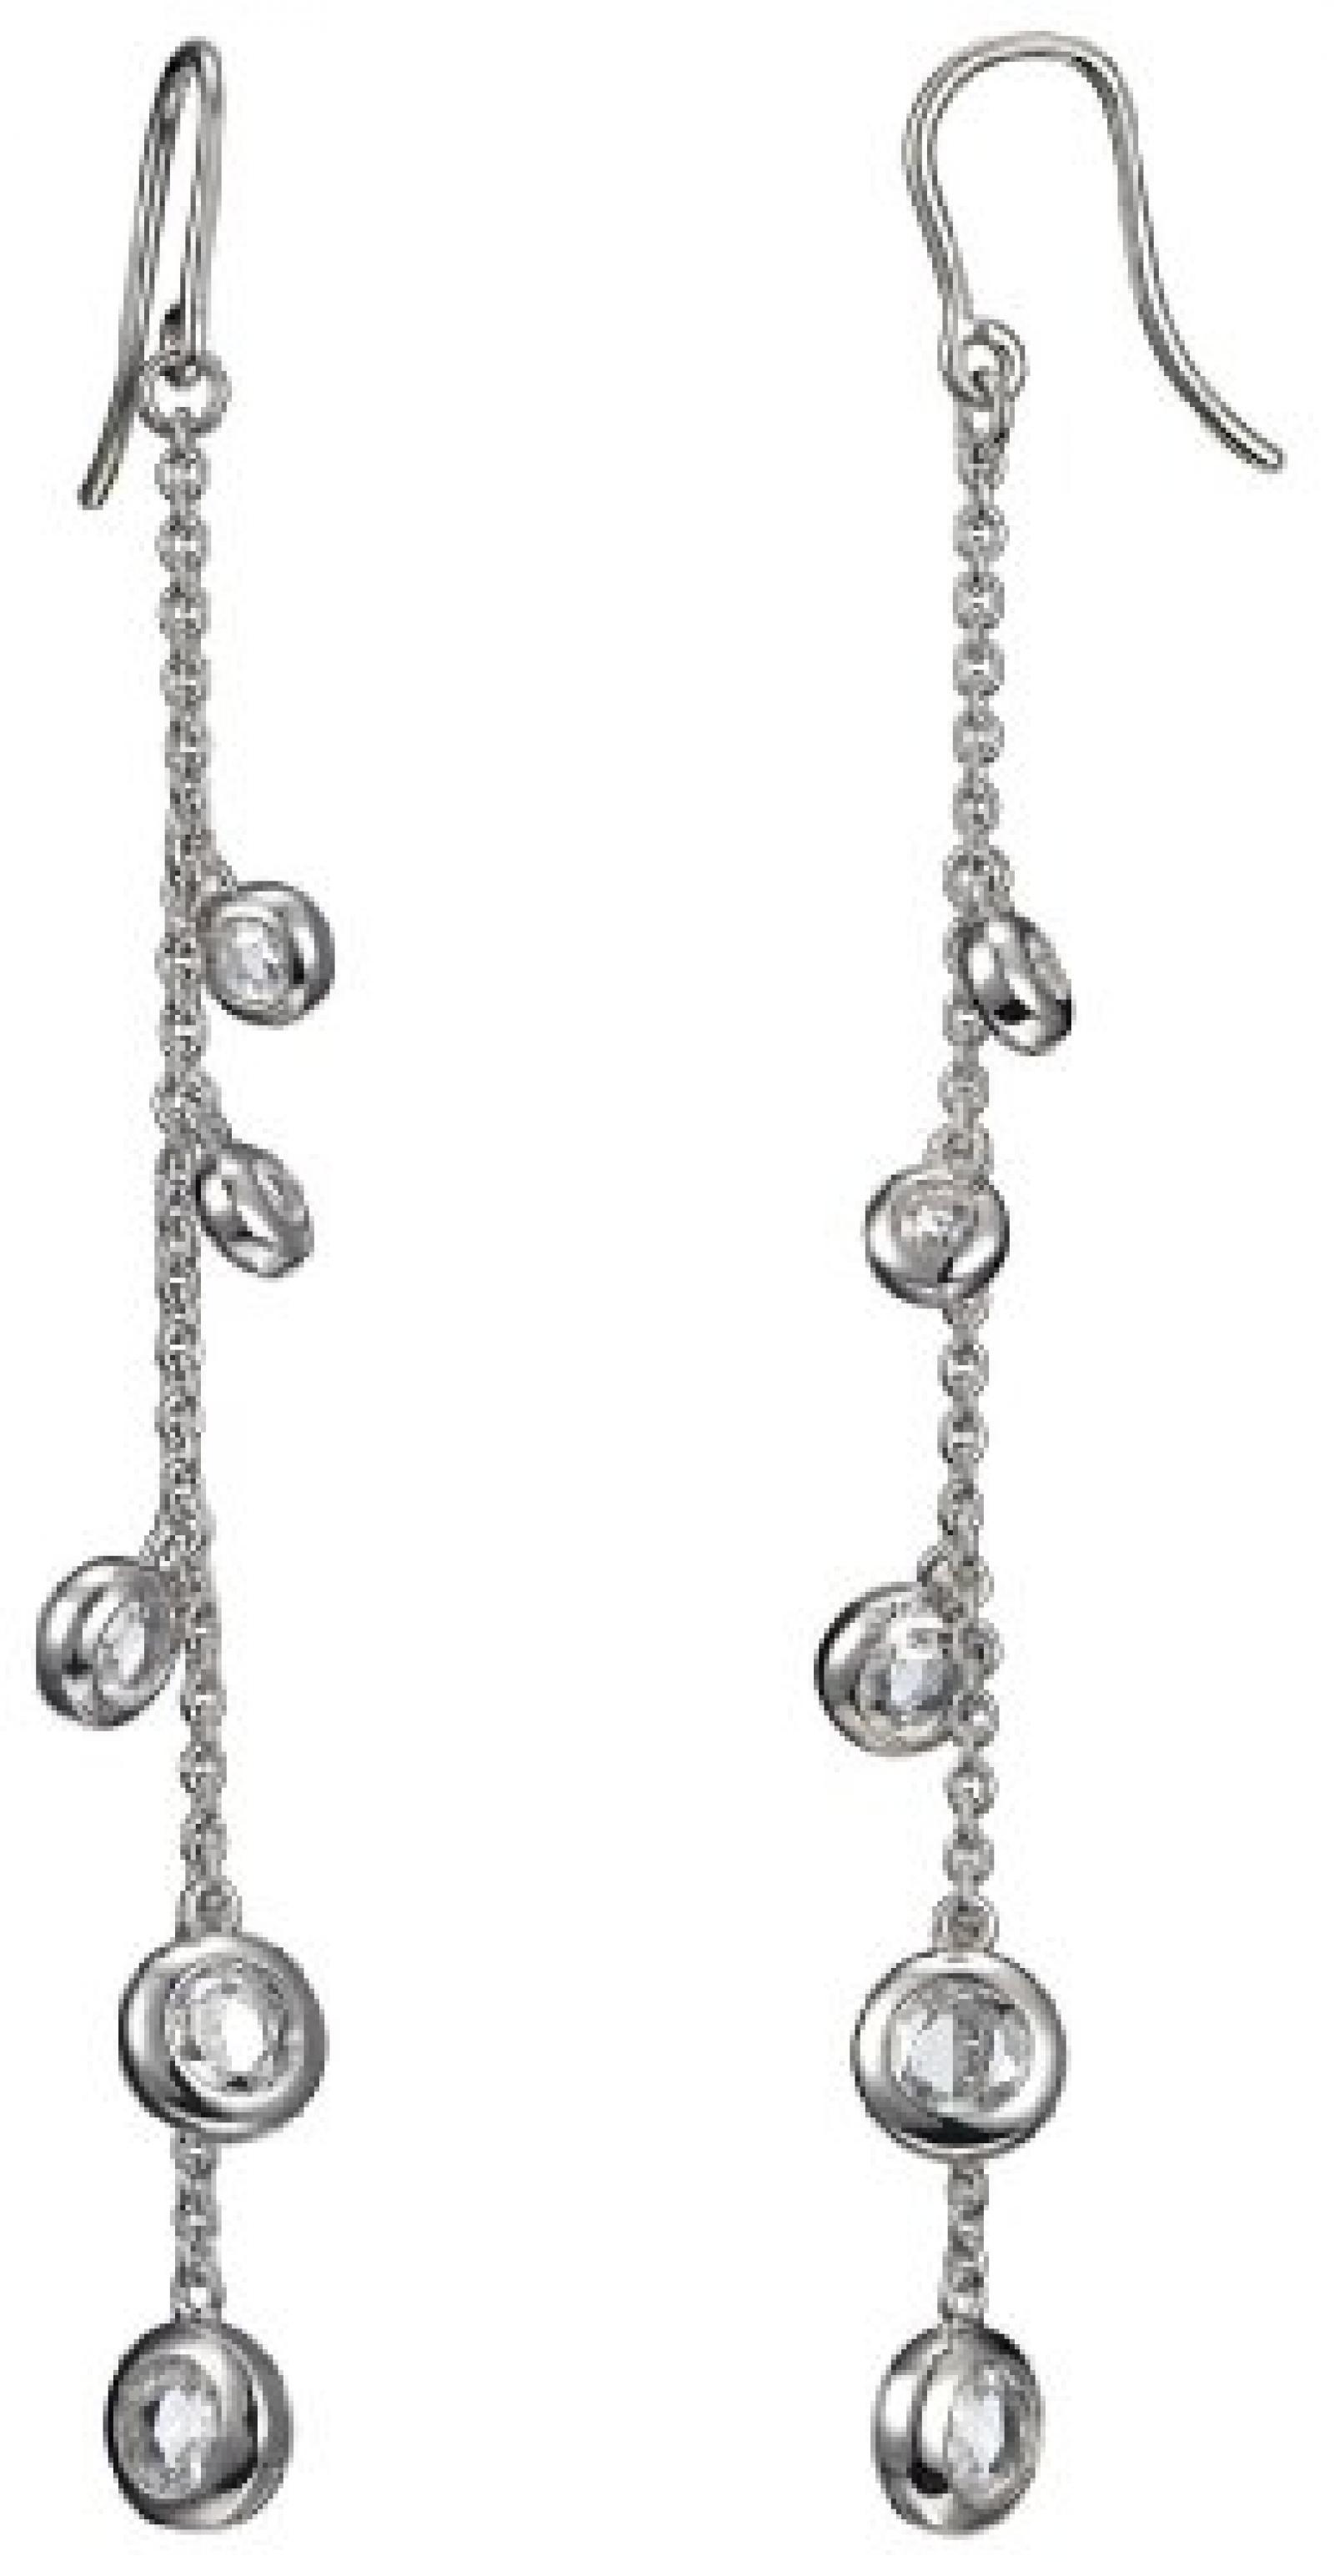 Pierre Cardin Damen-Ohrhänger 925 Sterling Silber rhodiniert Kristall Zirkonia Poussières détoiles weiß PCER90212A000